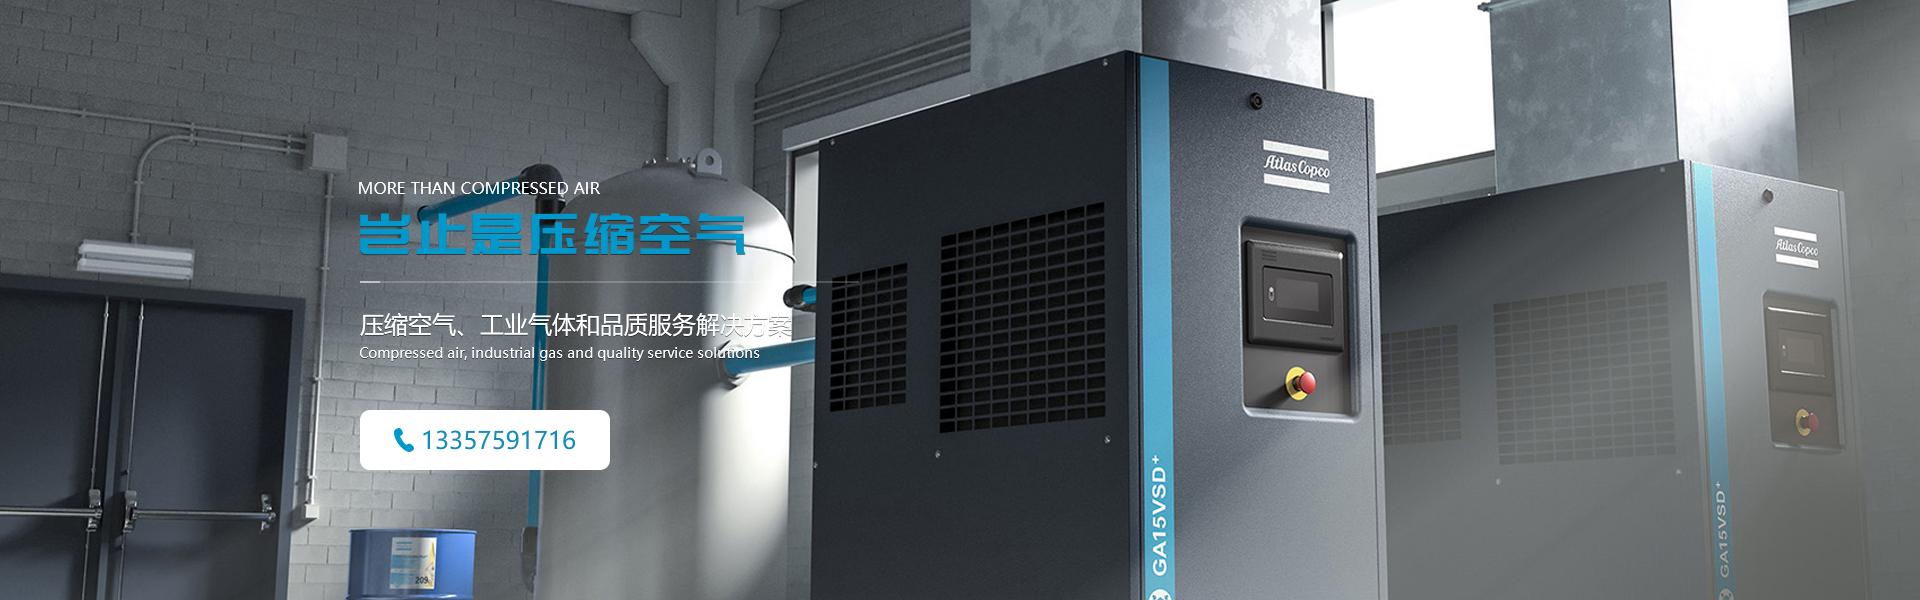 阿特拉斯空压机,无油空压机,空压机维修